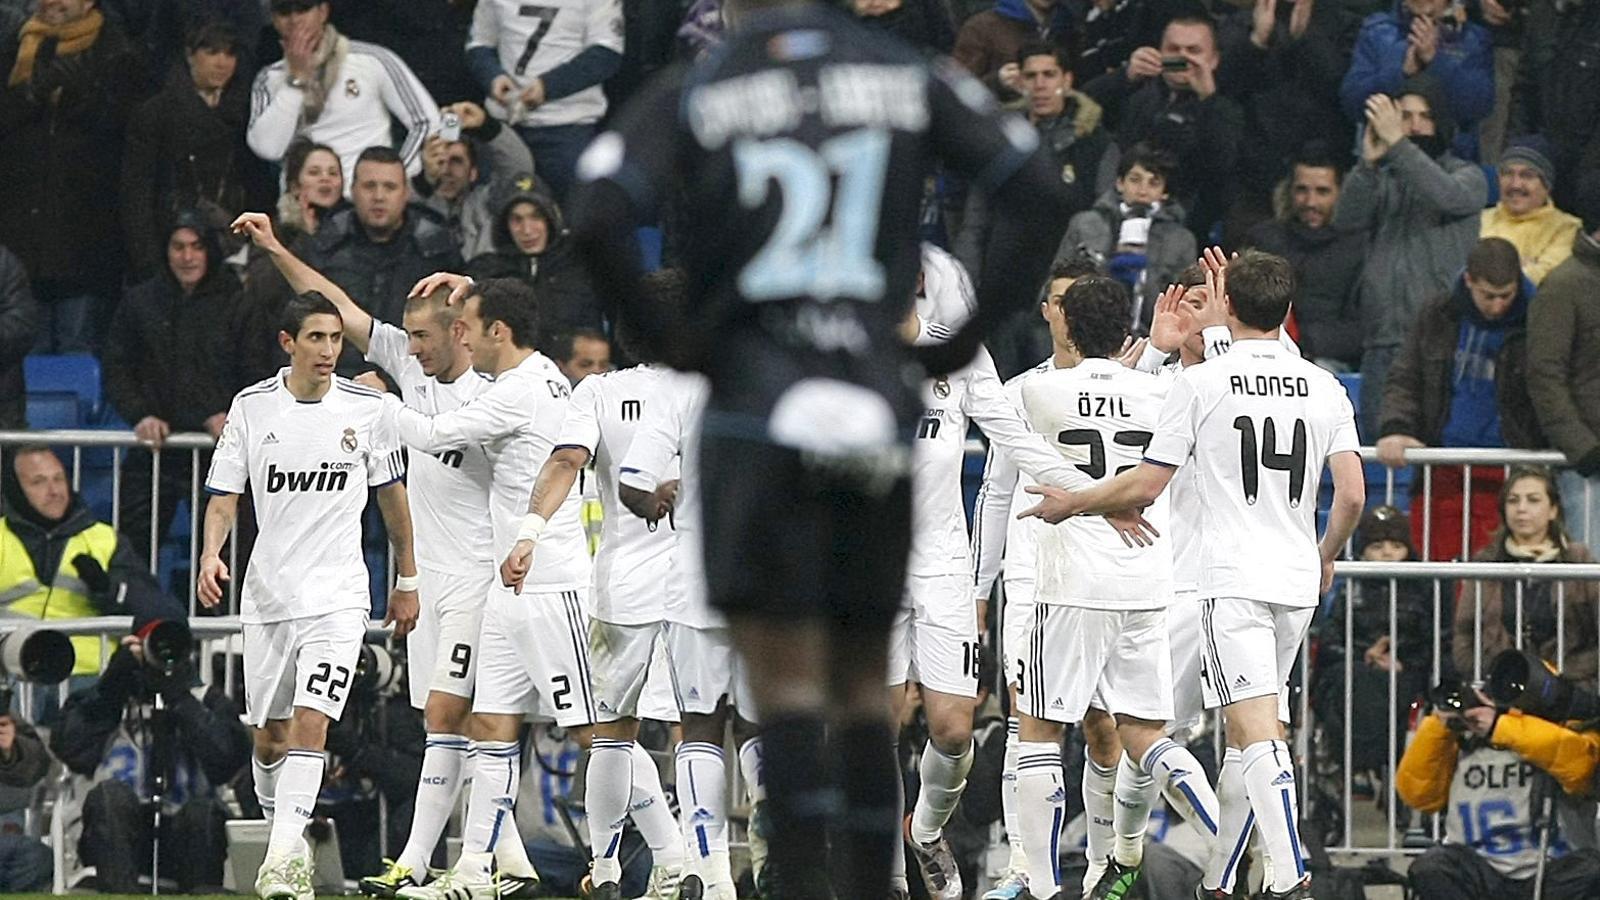 Els jugadors del Reial Madrid celebren el primer gol contra el Màlaga, obra  del davanter francès Karim Benzema. / FERNANDO ALVARADO / EFE